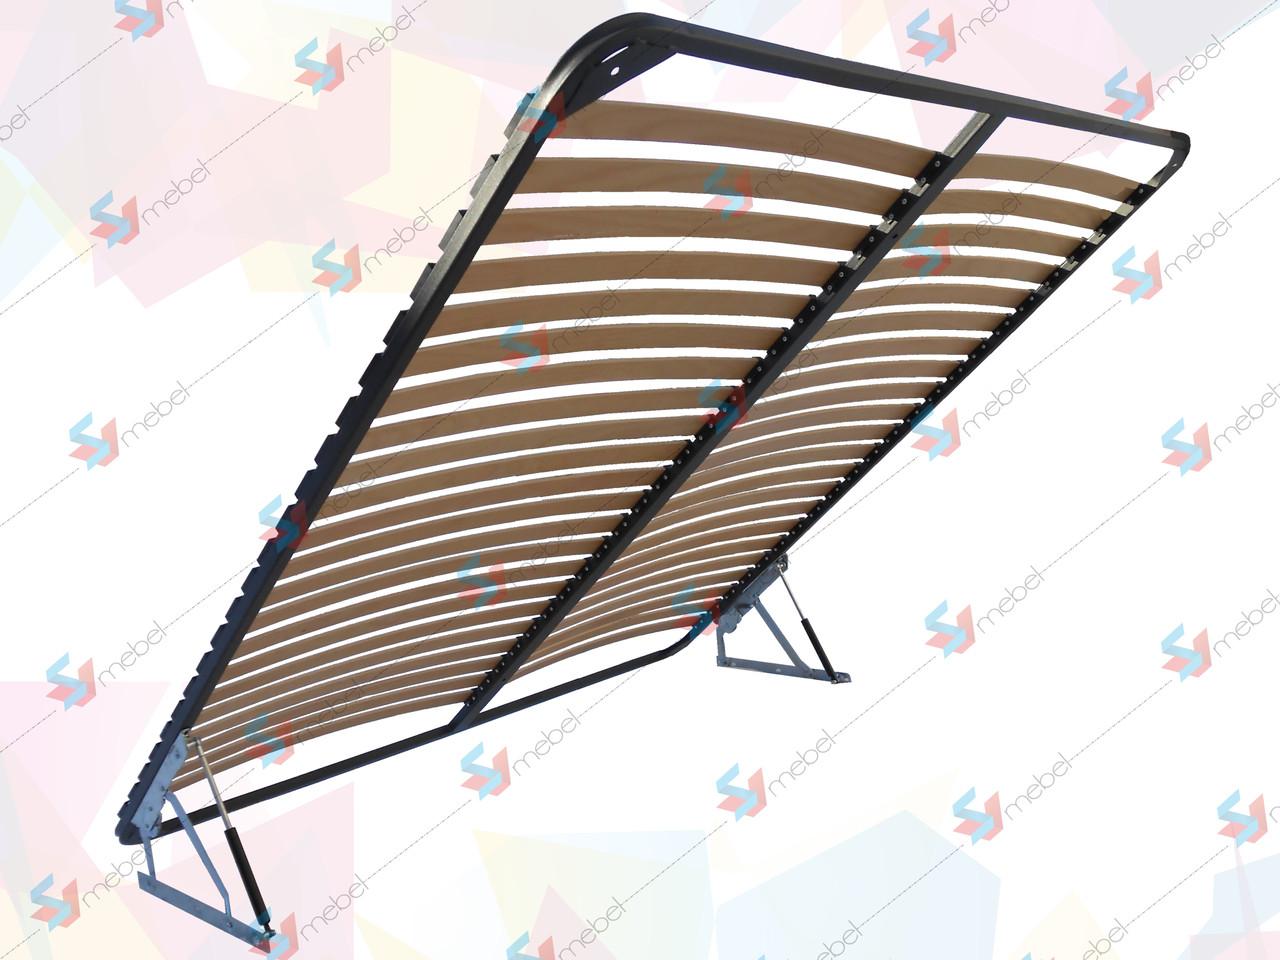 Каркас кровати ортопедический двухспальный с подъемным механизмом(с фиксатором) 2000х1400 мм - SVmebel в Мелитополе